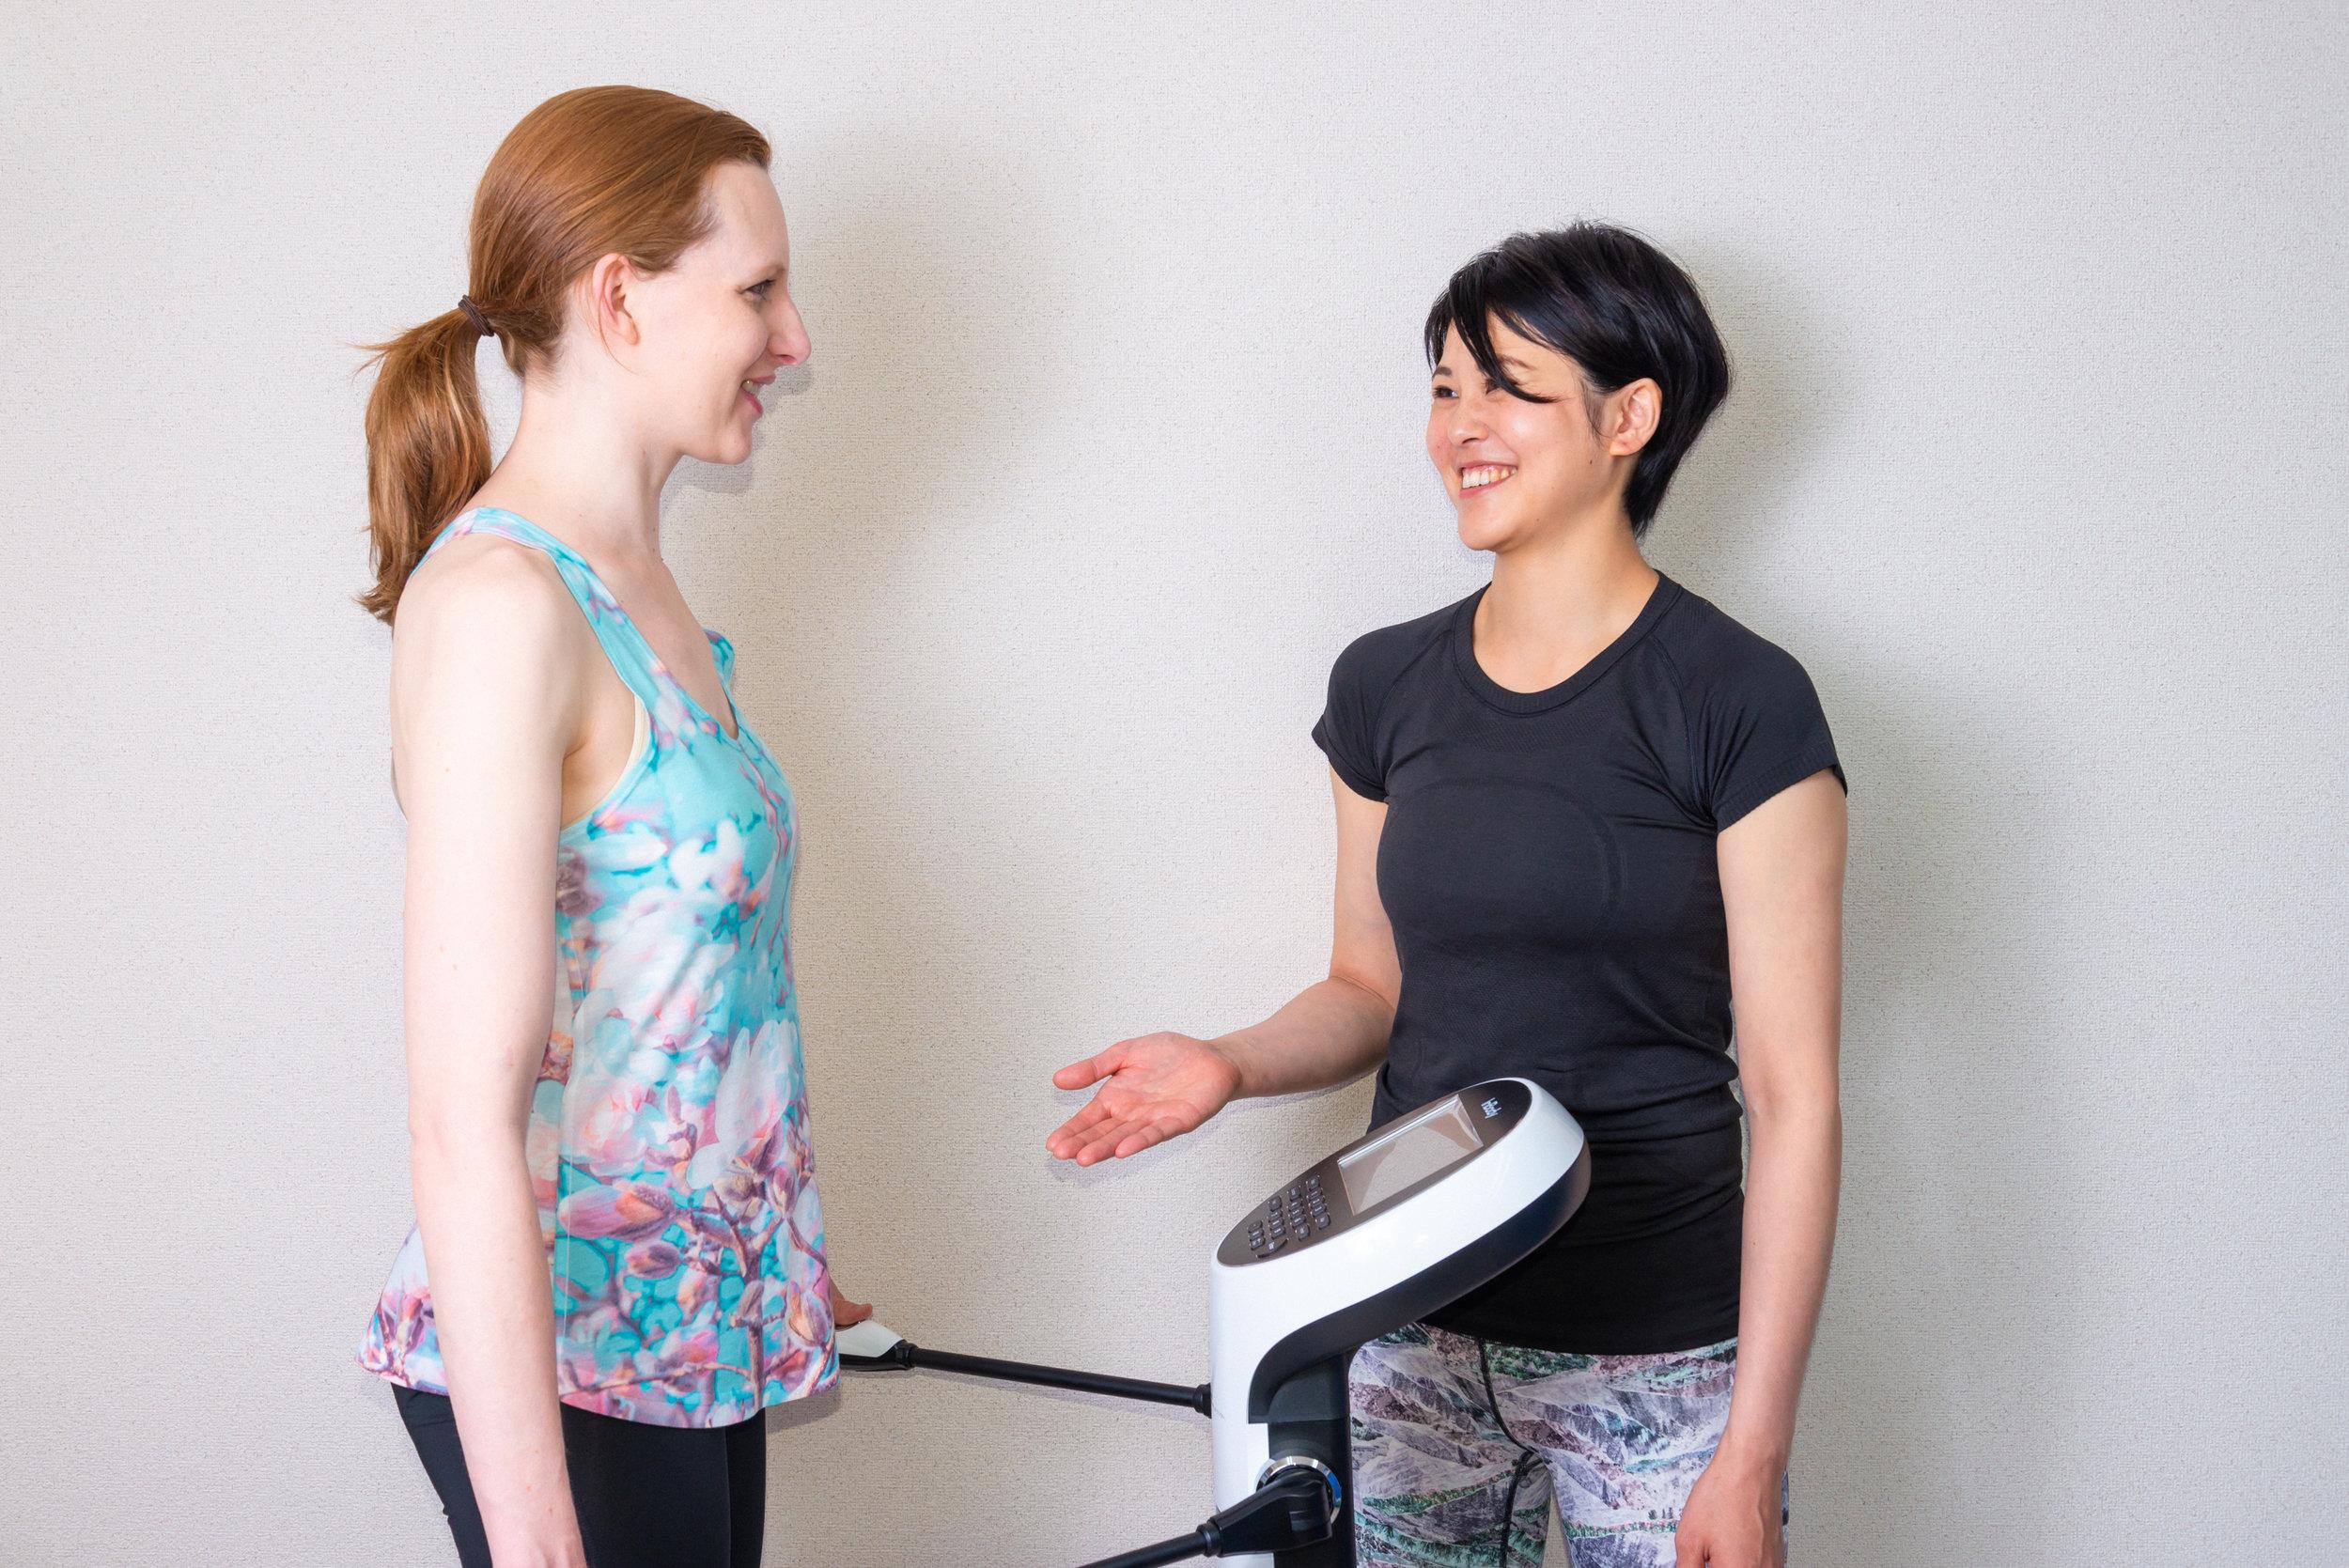 - 『背中が丸まっている』『最近よくつまずく』『体重は変わらないのに見た目が太ってきた』このようなお悩みの方は、姿勢やバランスを保つ筋肉が衰えているかもしれません。当スタジオでは、身体を支える土台となる筋肉をうまく使うことで、疲れにくく動かしやすい身体、引き締まった体型を目指します。日常生活をより快適にすることを第一ステップとし、一人一人の目標に向けて身体作りをサポートしていきます。レッスン中は貸し切りの完全プライベート空間。受付からトレーニング、お帰りまで全て専属トレーナーが1人で担当します。他に誰とも顔を合わせることがないため、ゆったりとリラックスした時間を過ごせます。お子様連れの方も安心してトレーニングをすることができます。トレーニングルームは2部屋あり、ご家族、お友達と同じ時間いんトレーニングすることができます。ぜひご一緒にお越しください。